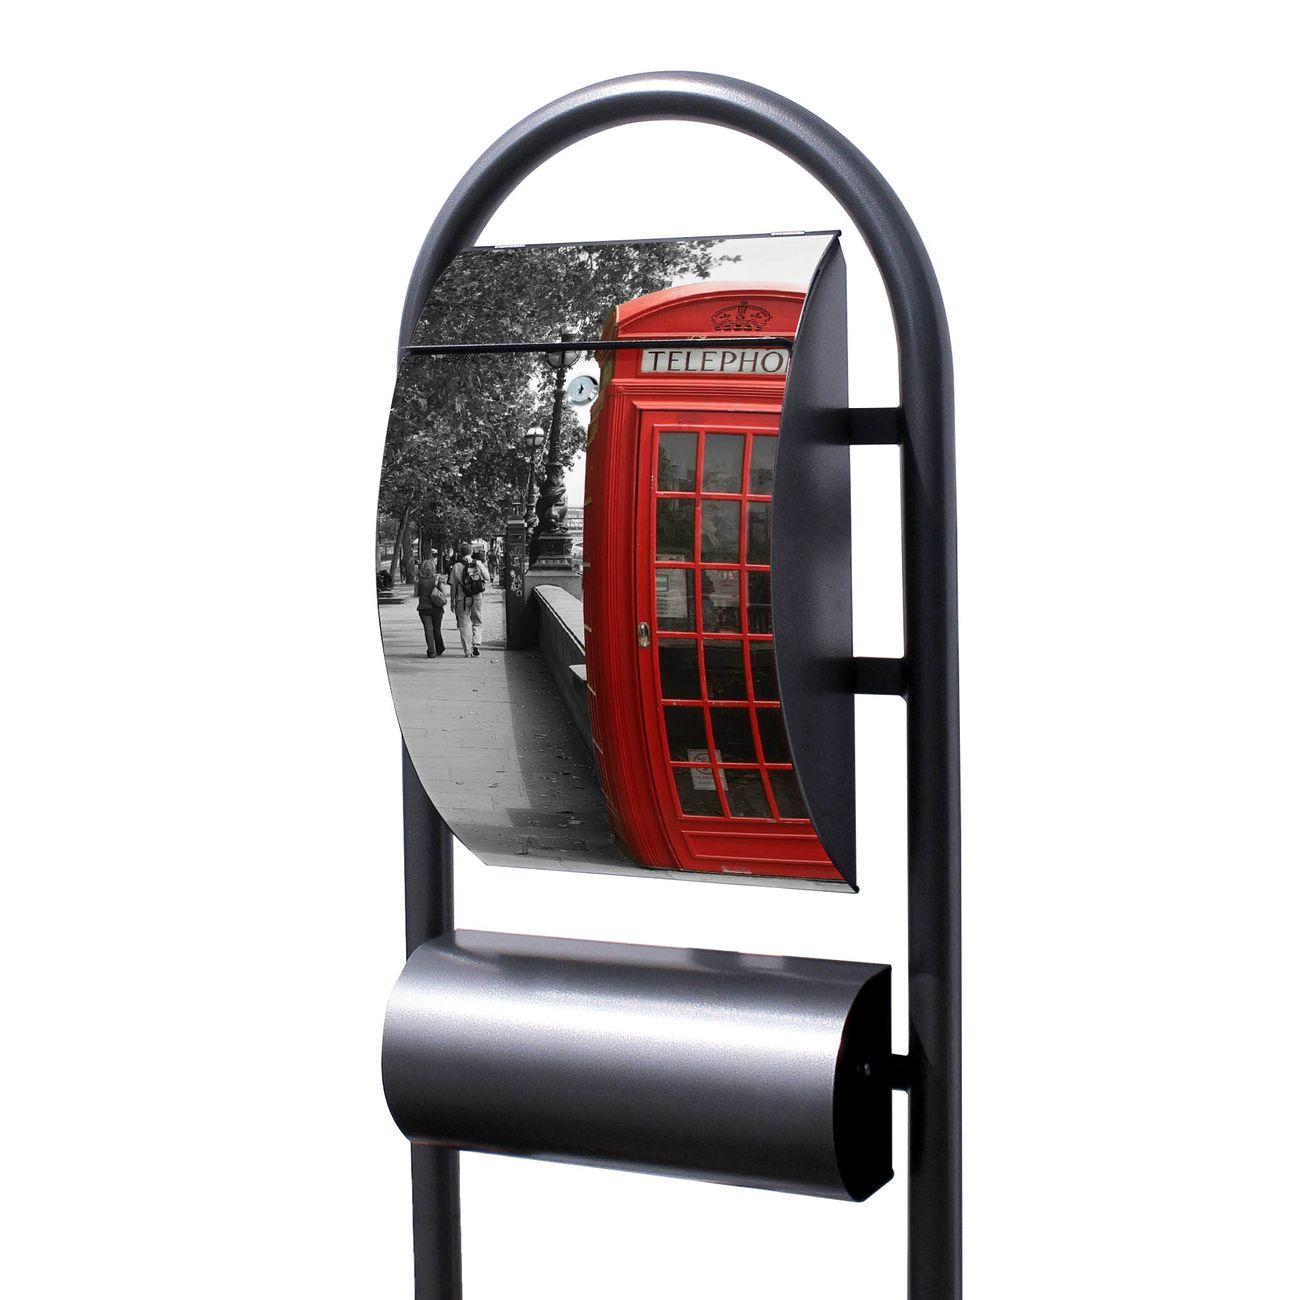 Standbriefkasten Hammerschlag London Red Telephone